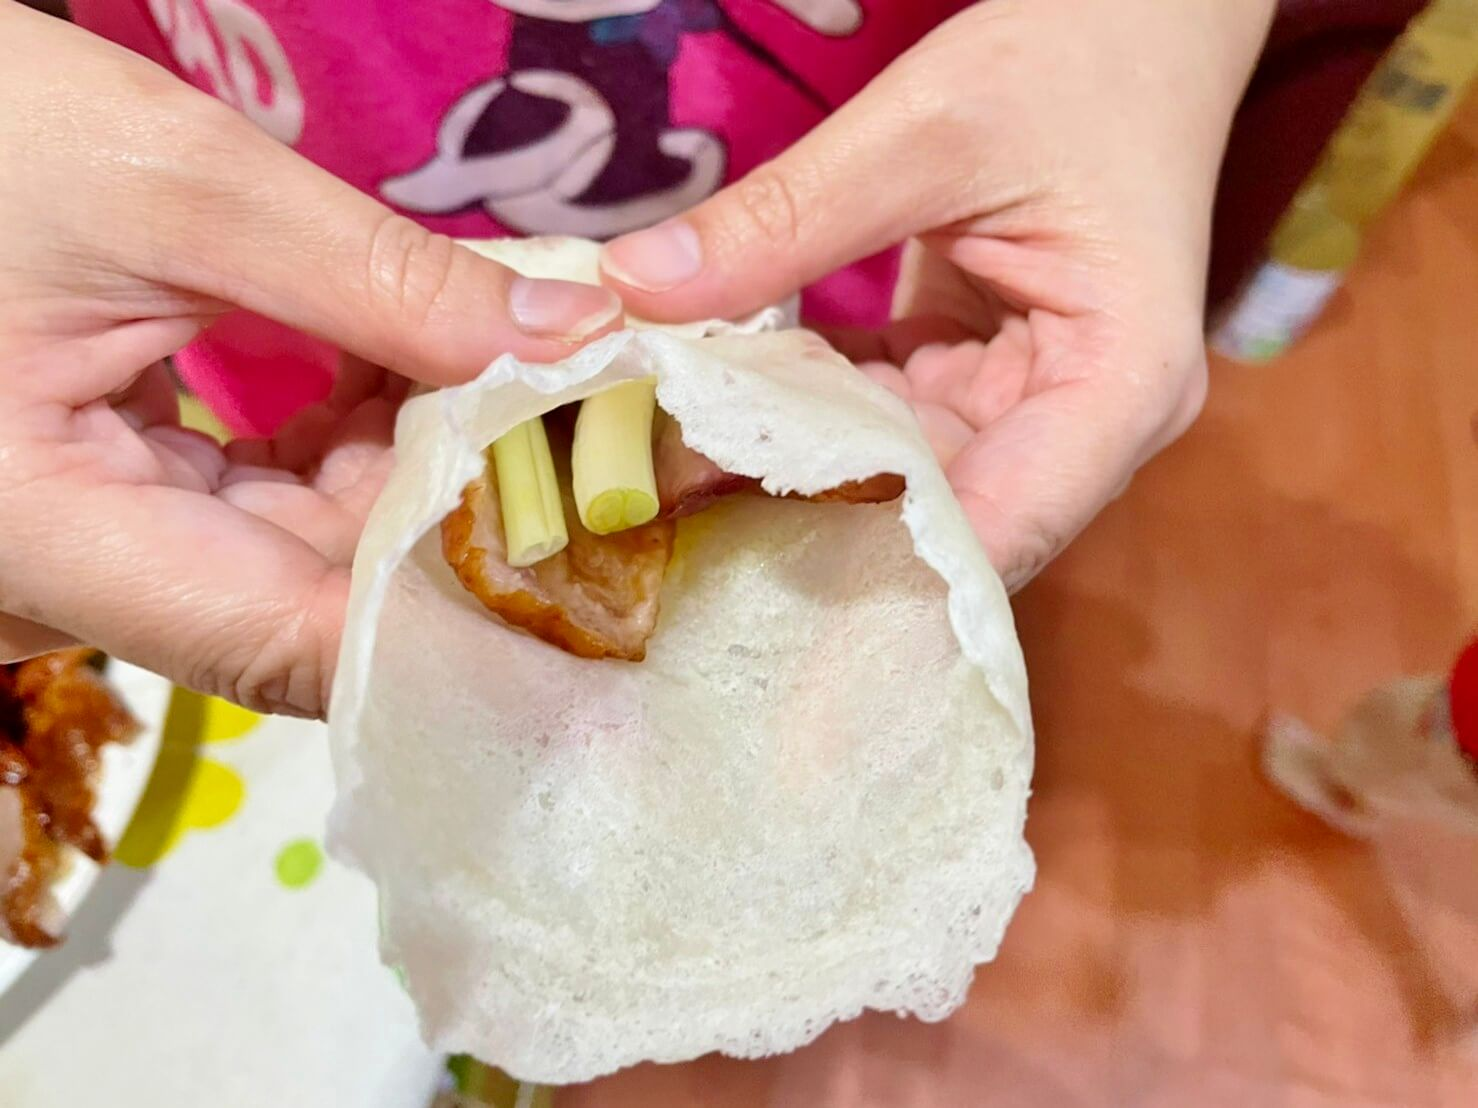 北芳烤鴨》基隆這間烤鴨超強,附贈橙汁生菜沙拉,搭著鴨肉吃無油膩感好清爽